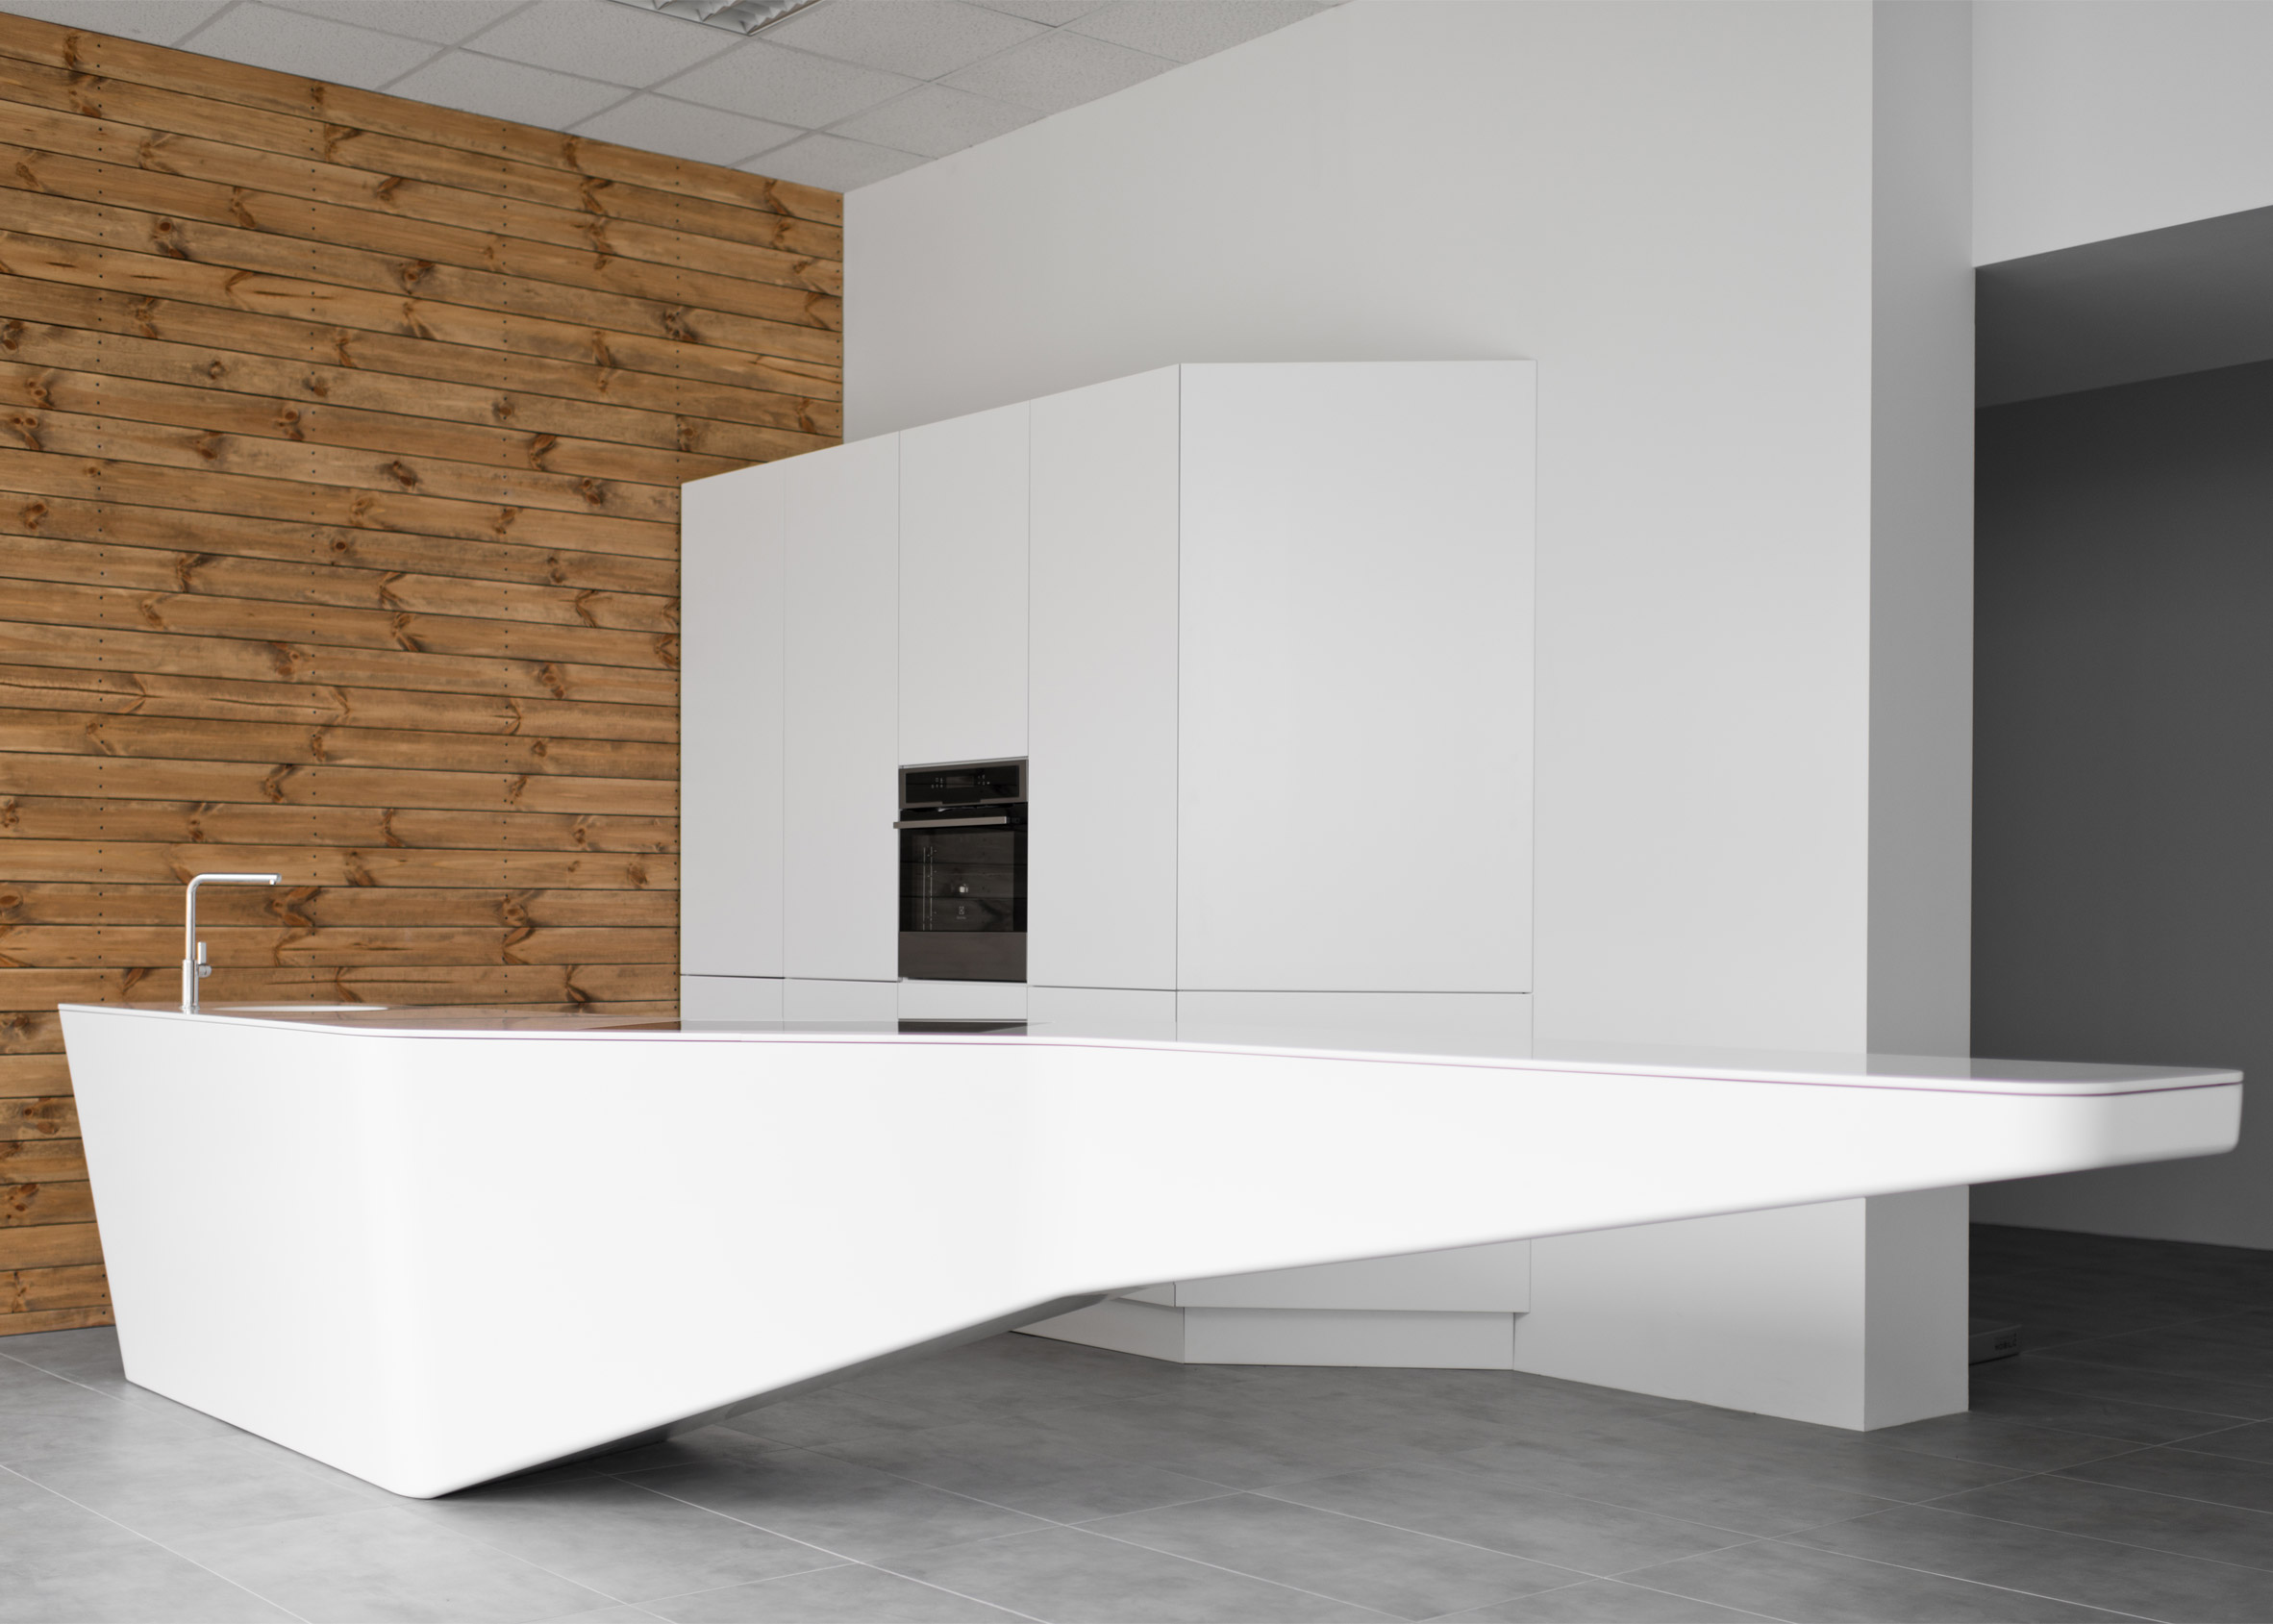 Imprimere Wing Kitchen